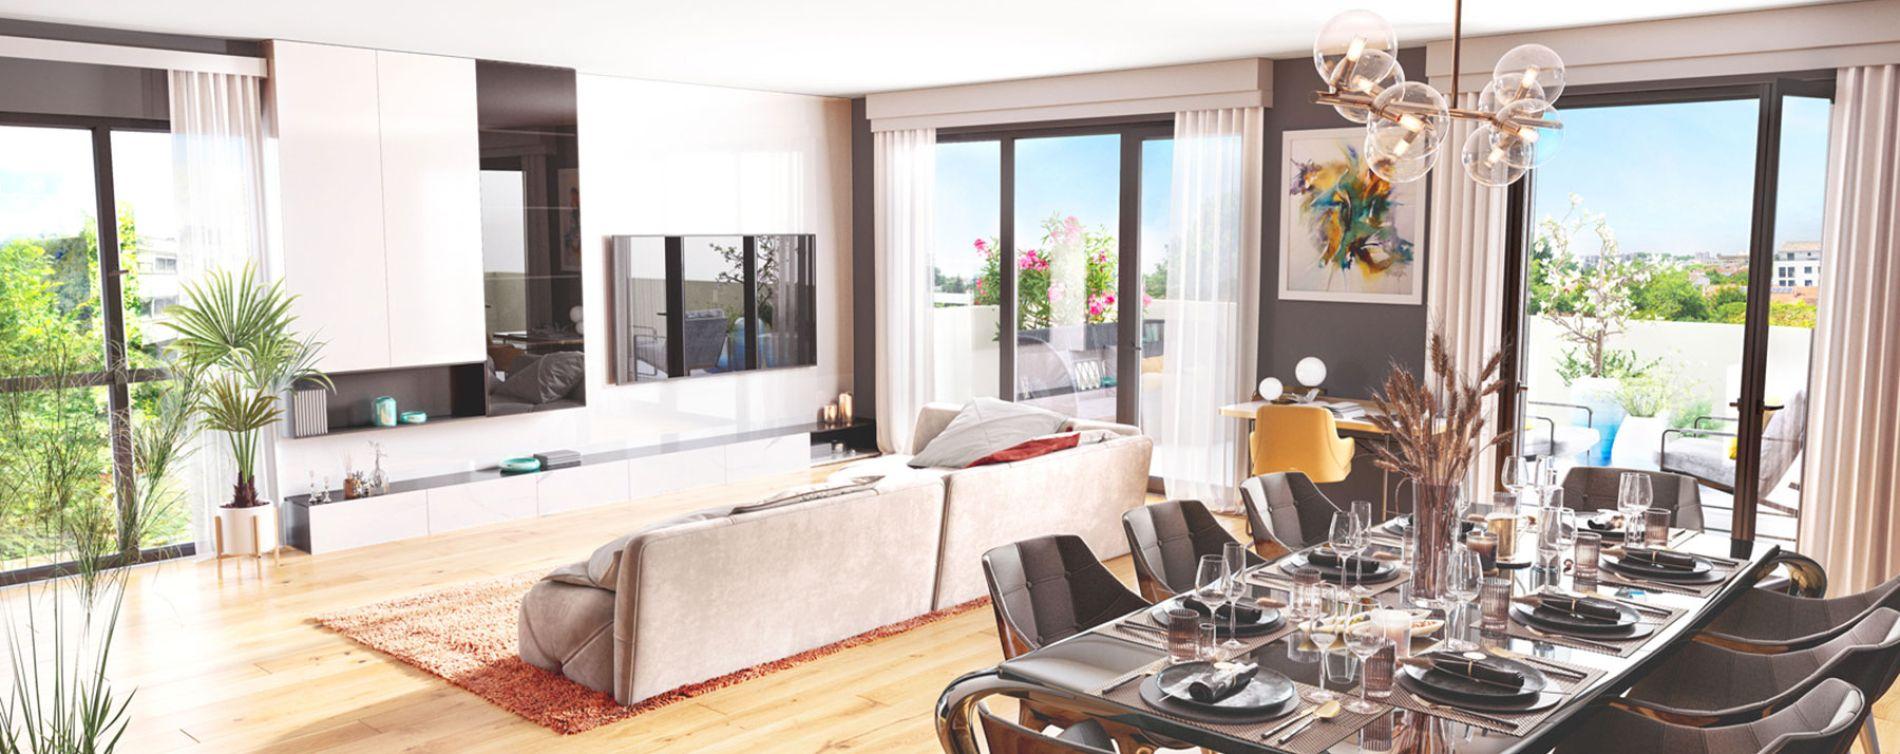 Mérignac : programme immobilier neuve « L'Empreinte » (3)